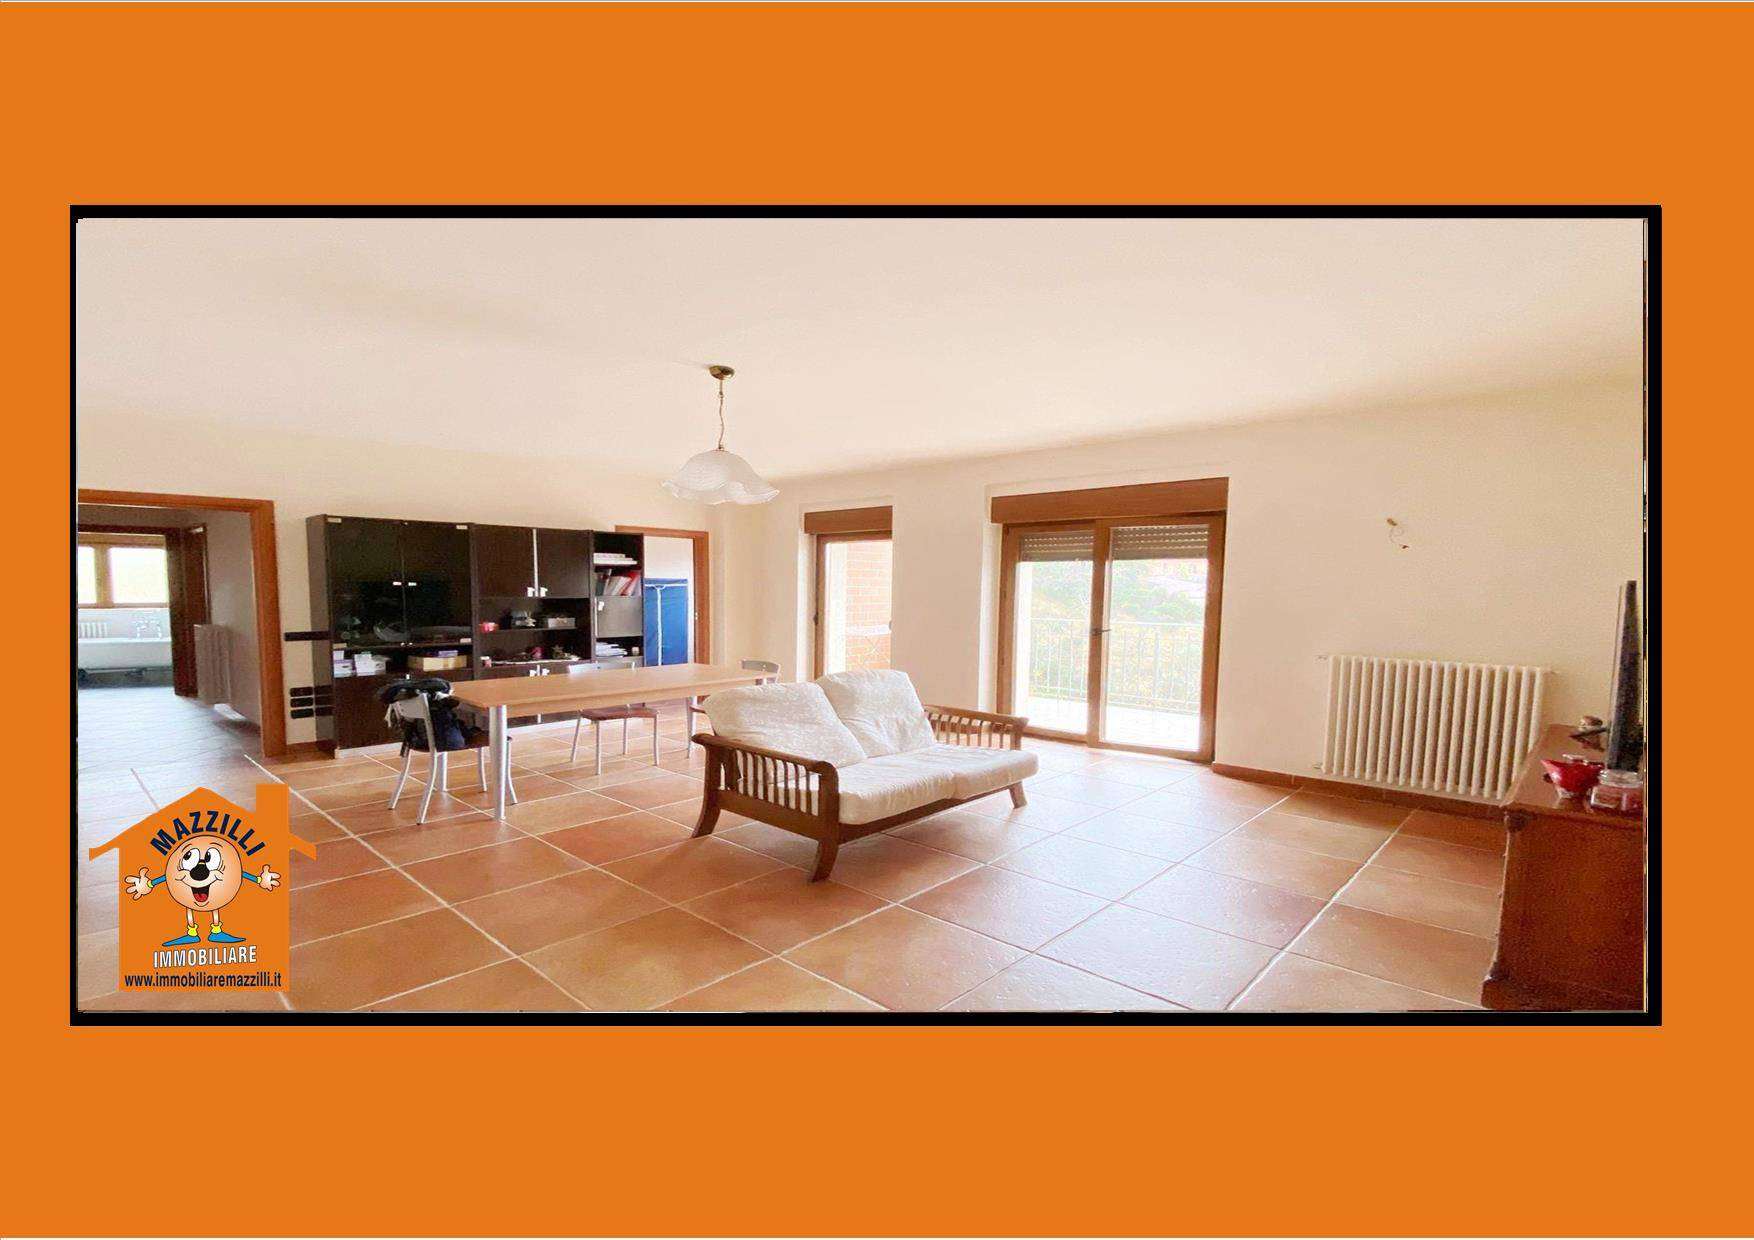 Appartamento in vendita a Potenza, 4 locali, prezzo € 188.000 | PortaleAgenzieImmobiliari.it